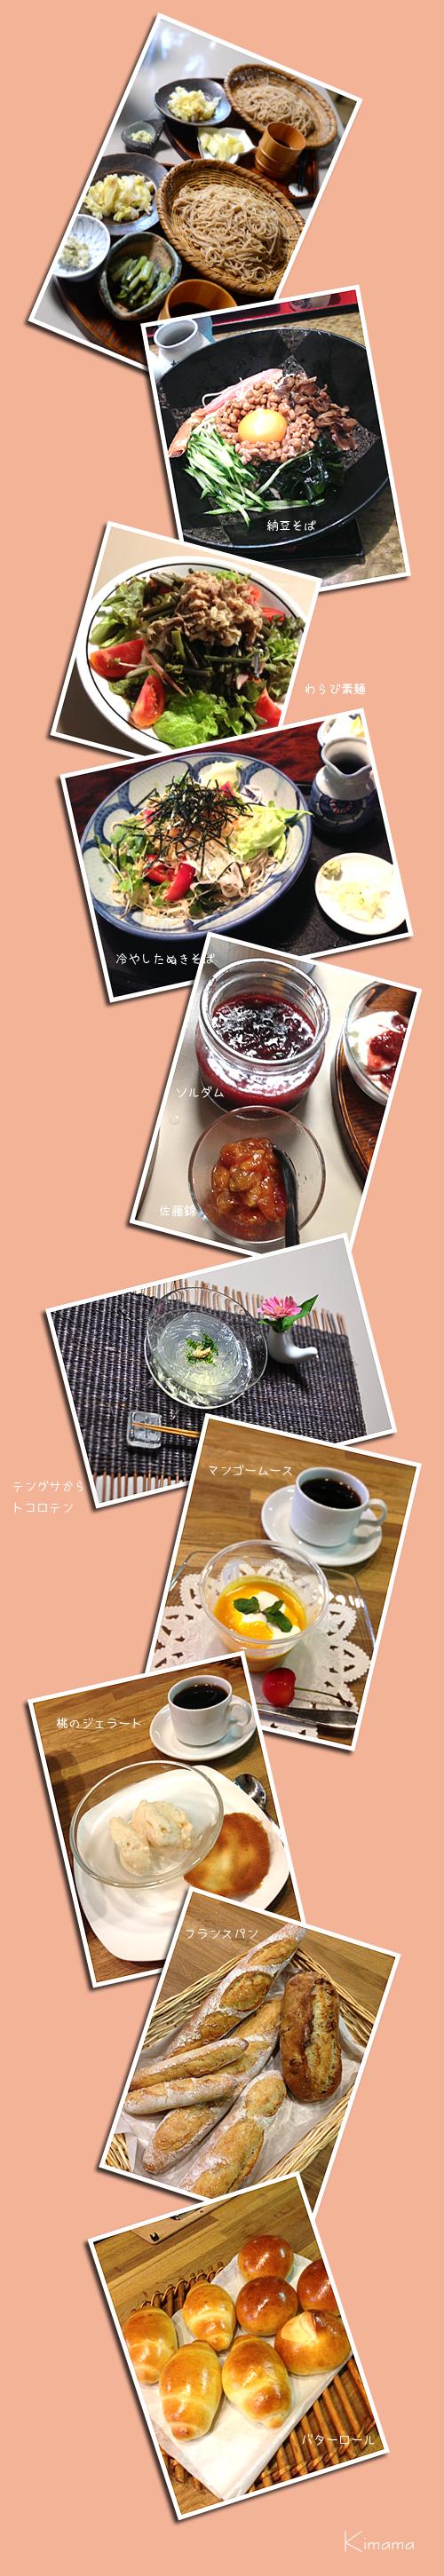 7月14日食べ物